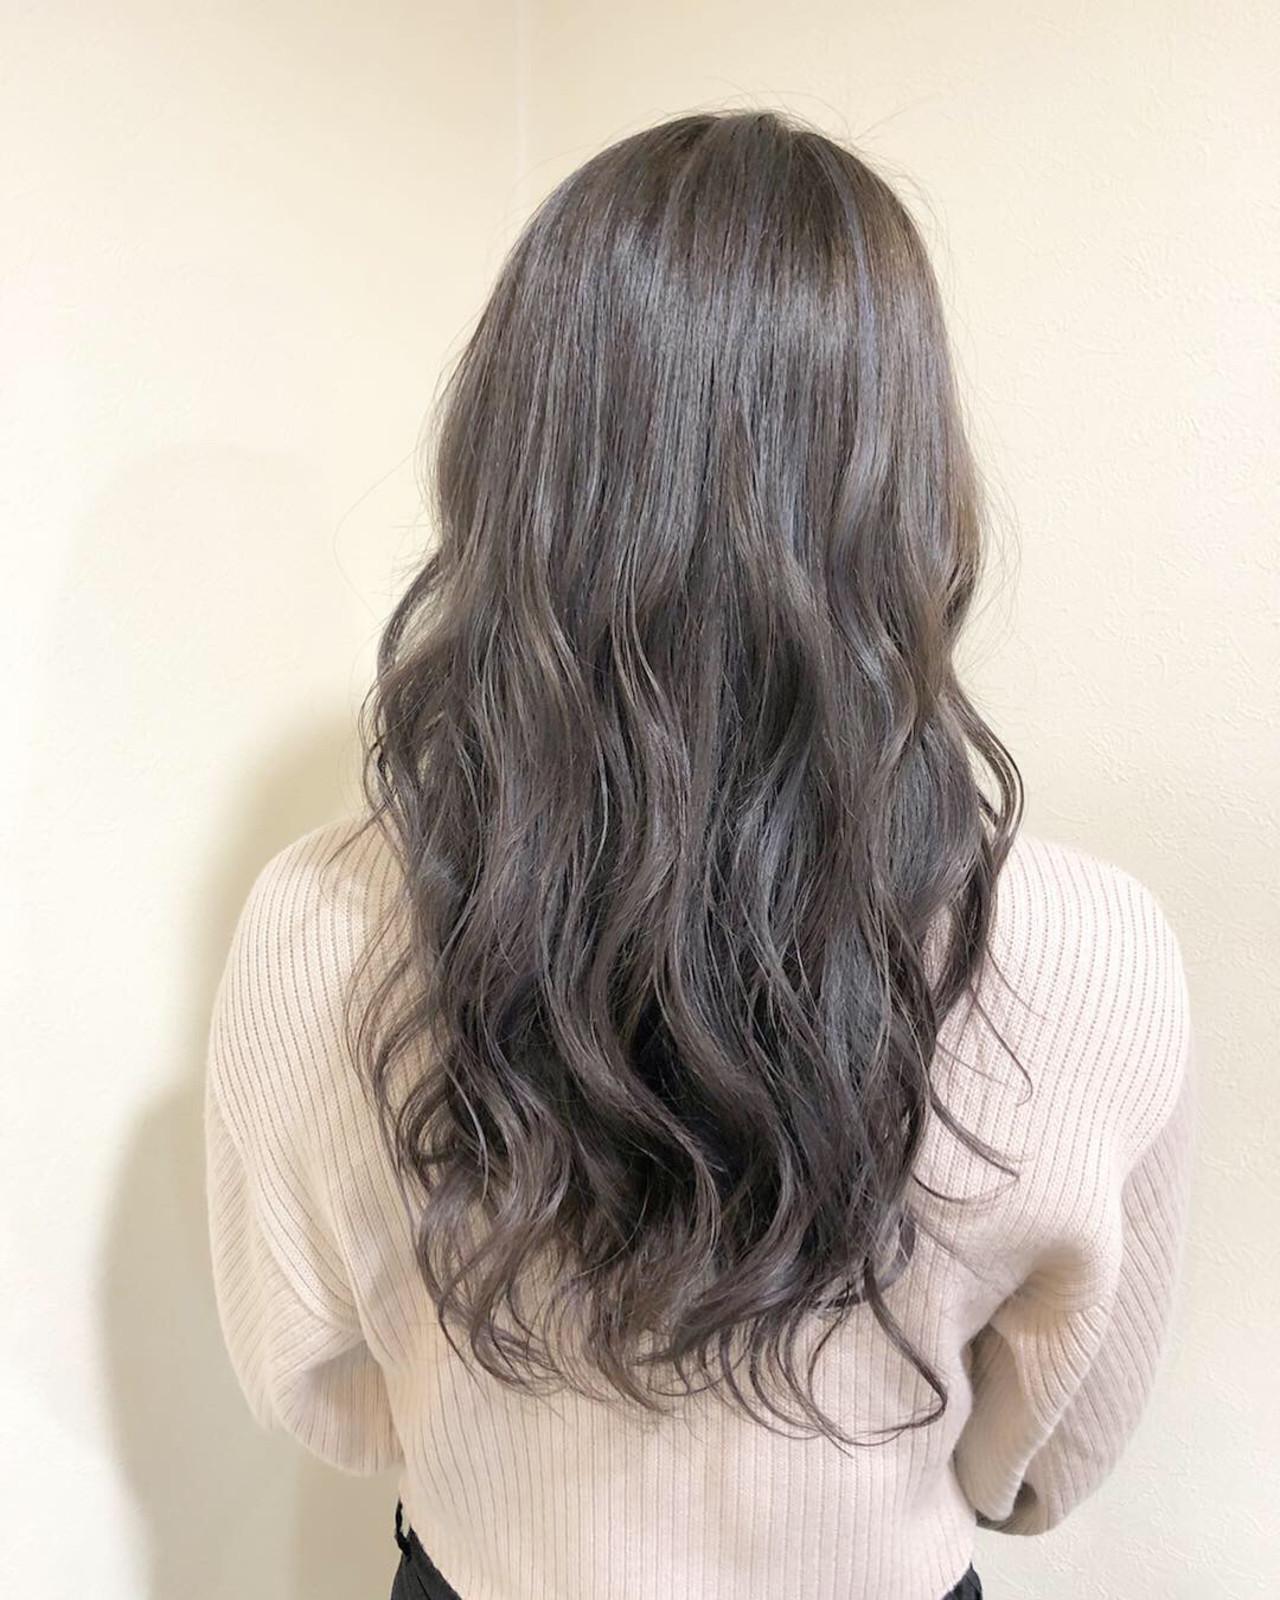 ハイライト 外国人風カラー ロング ミルクティーベージュ ヘアスタイルや髪型の写真・画像